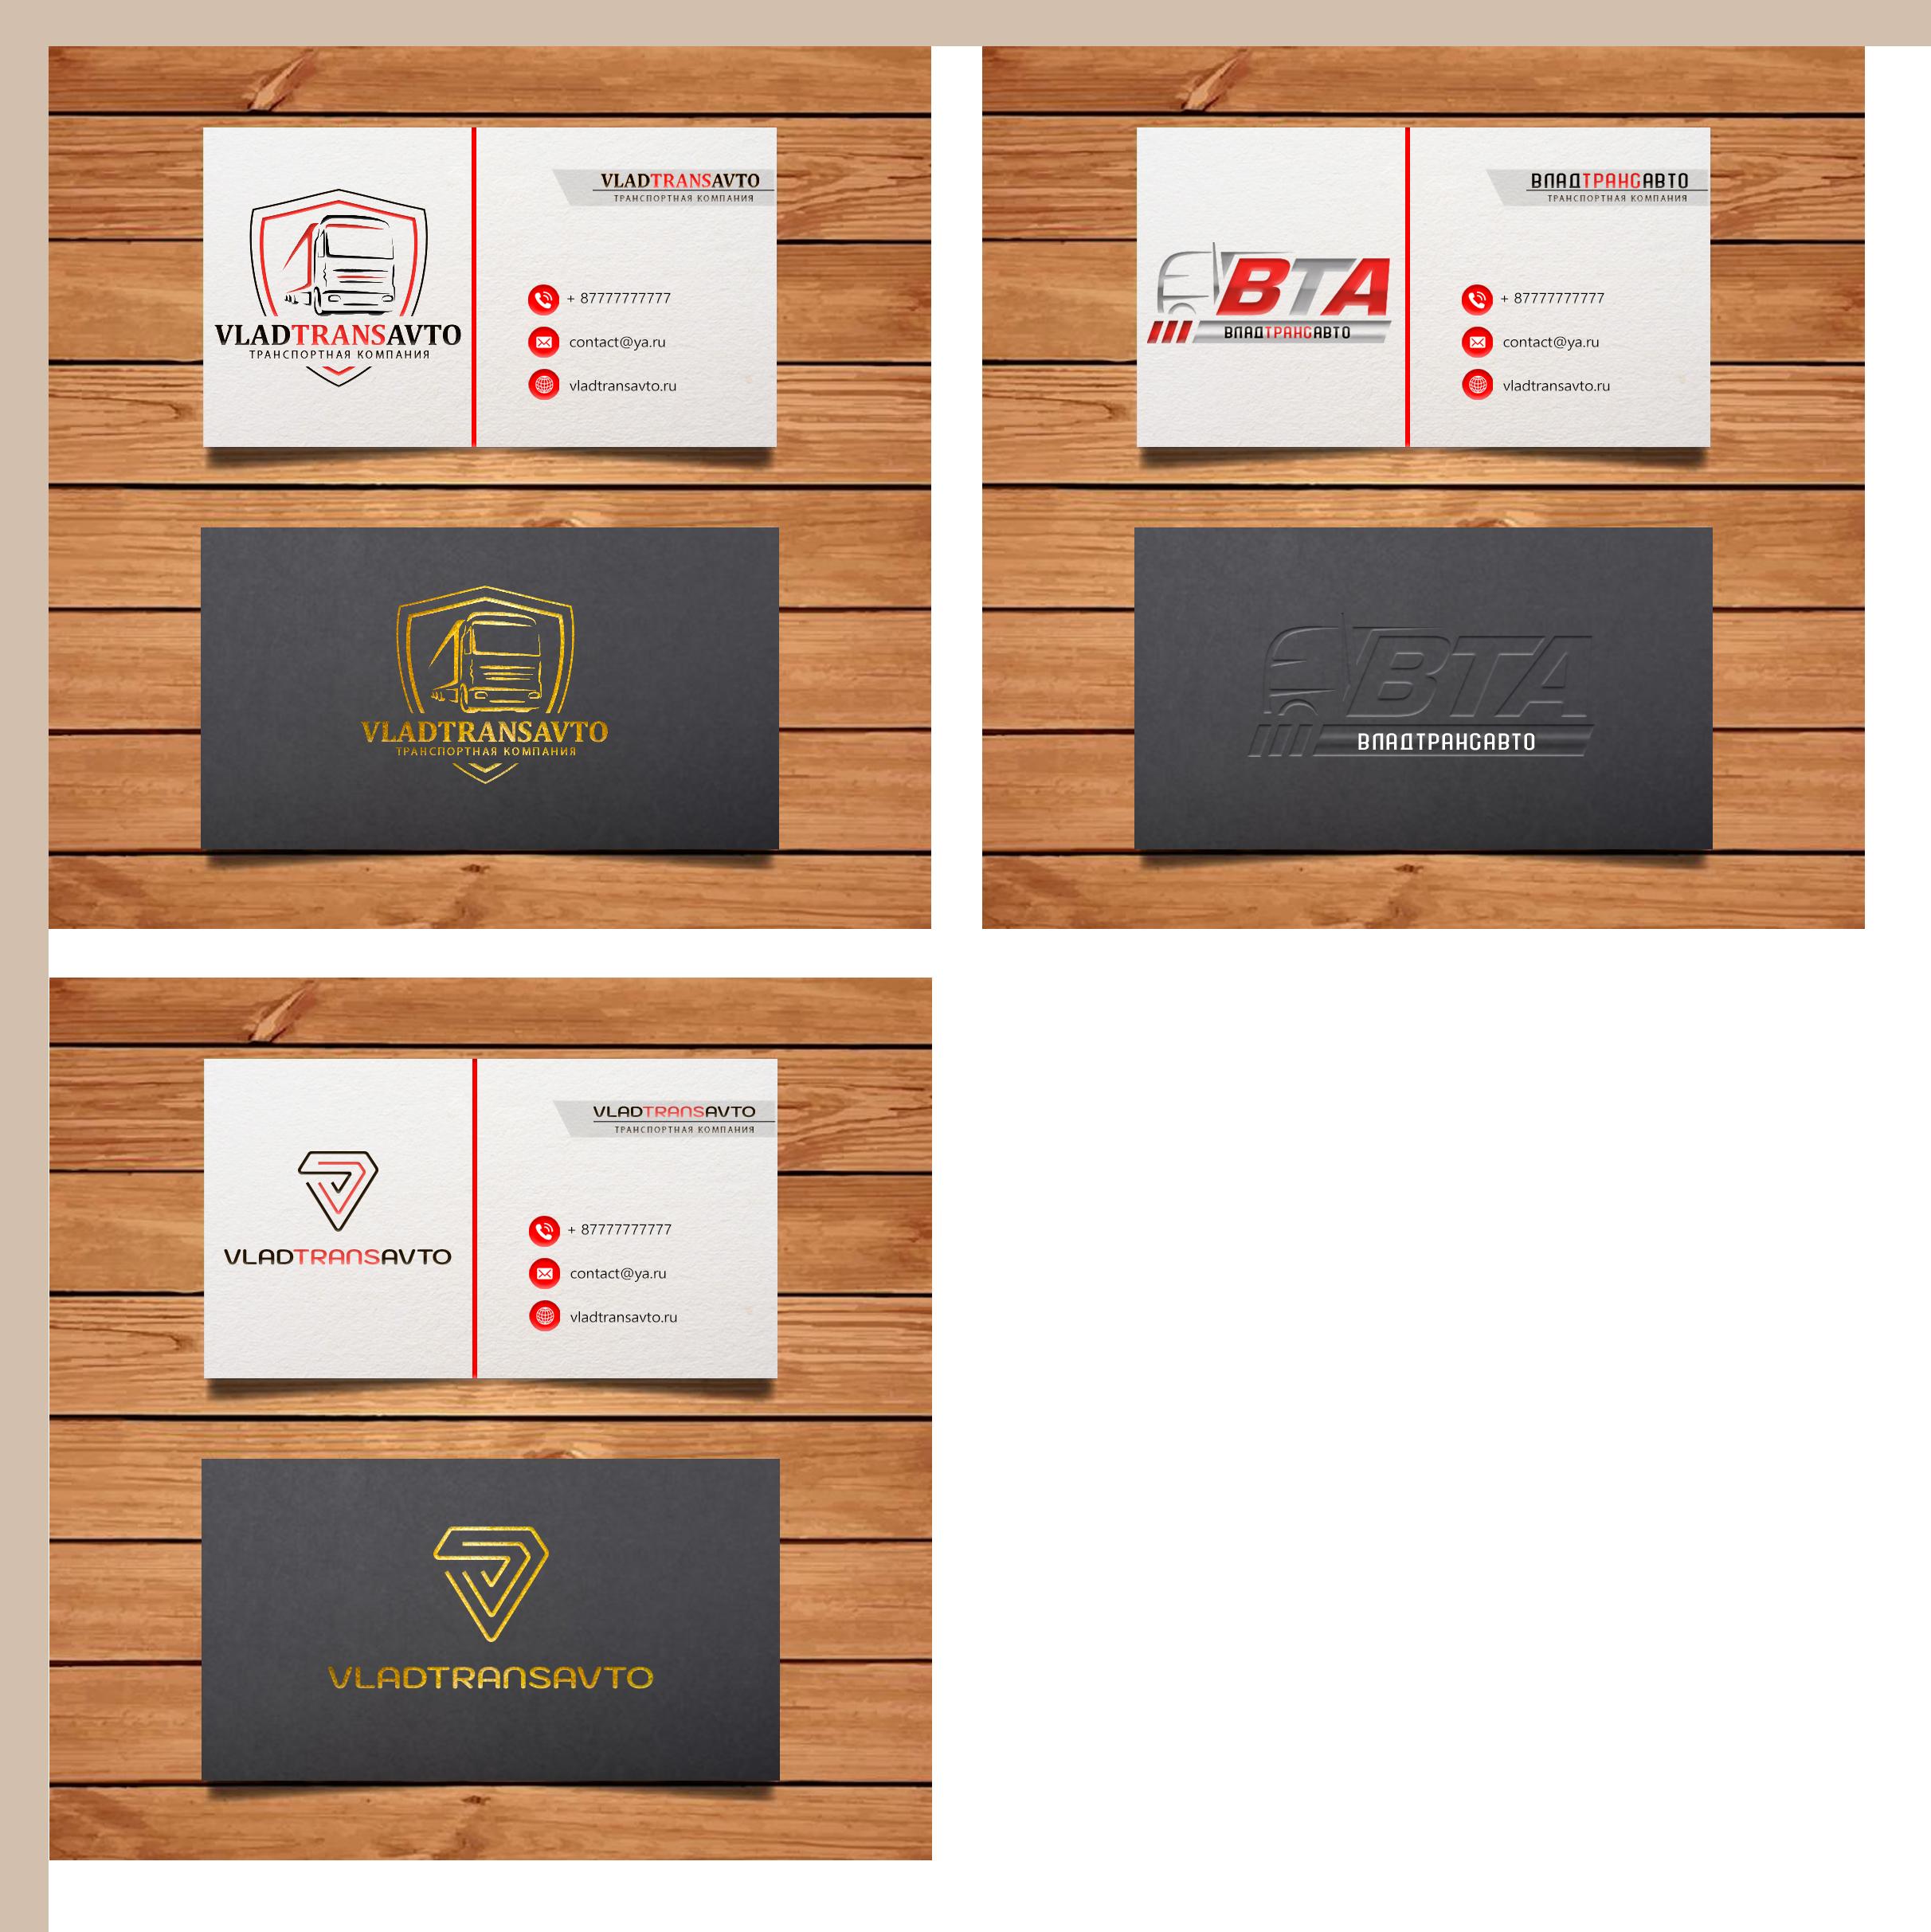 Логотип и фирменный стиль для транспортной компании Владтрансавто фото f_2335ce86620c7475.jpg